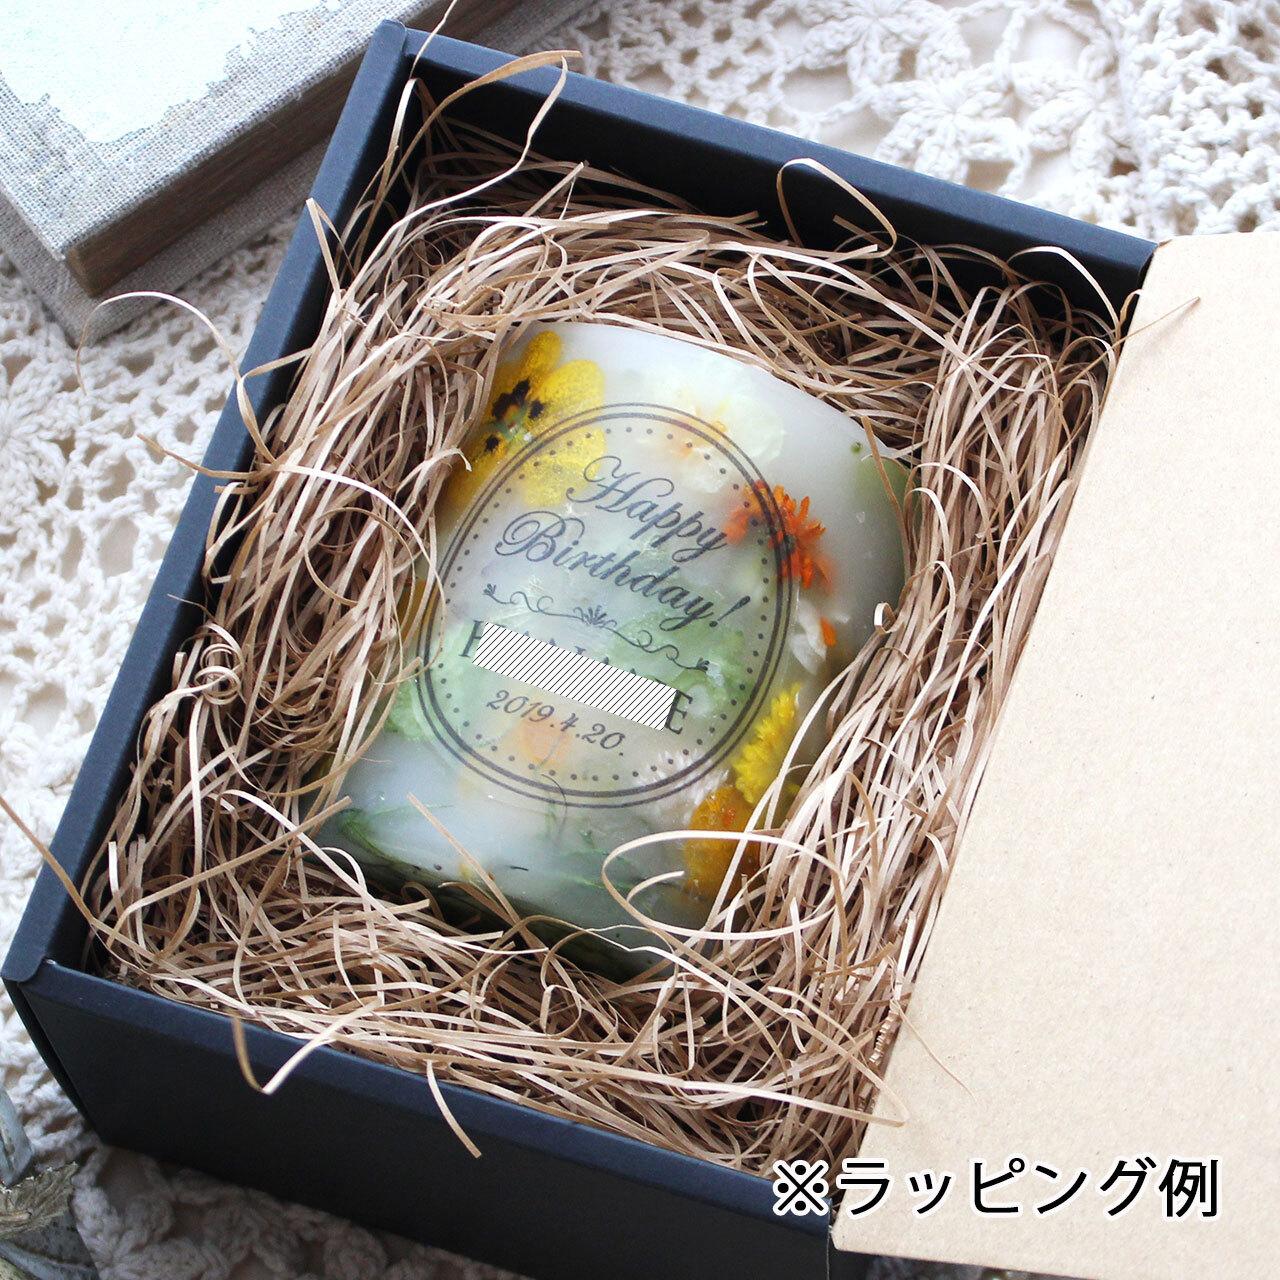 NC265 ギフトラッピング付き☆メッセージ&日付&名入れボタニカルキャンドル ローズ